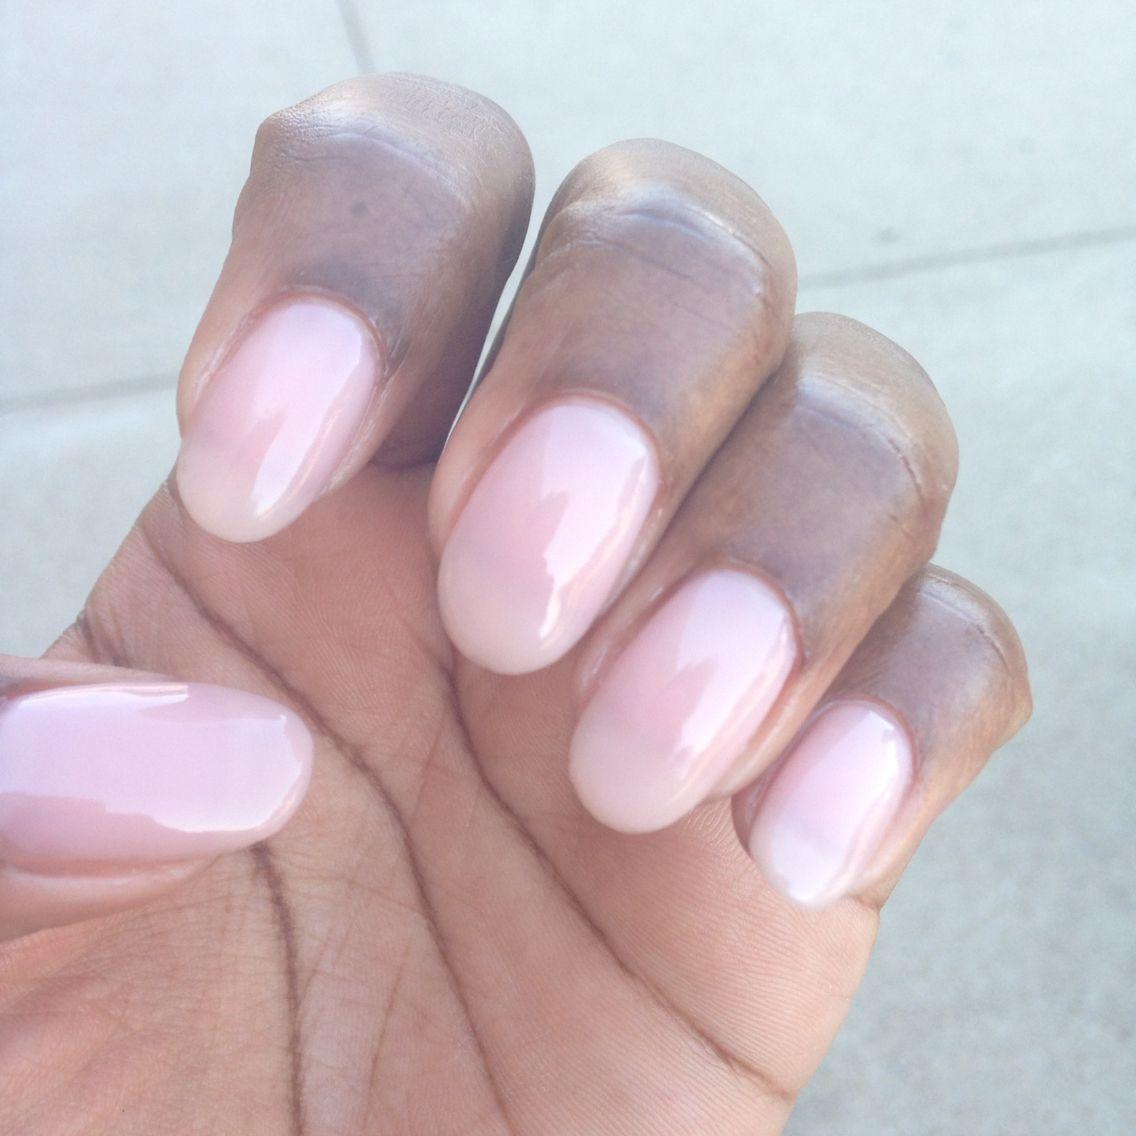 Natural oval gel nails   Girlie tińgs   Pinterest